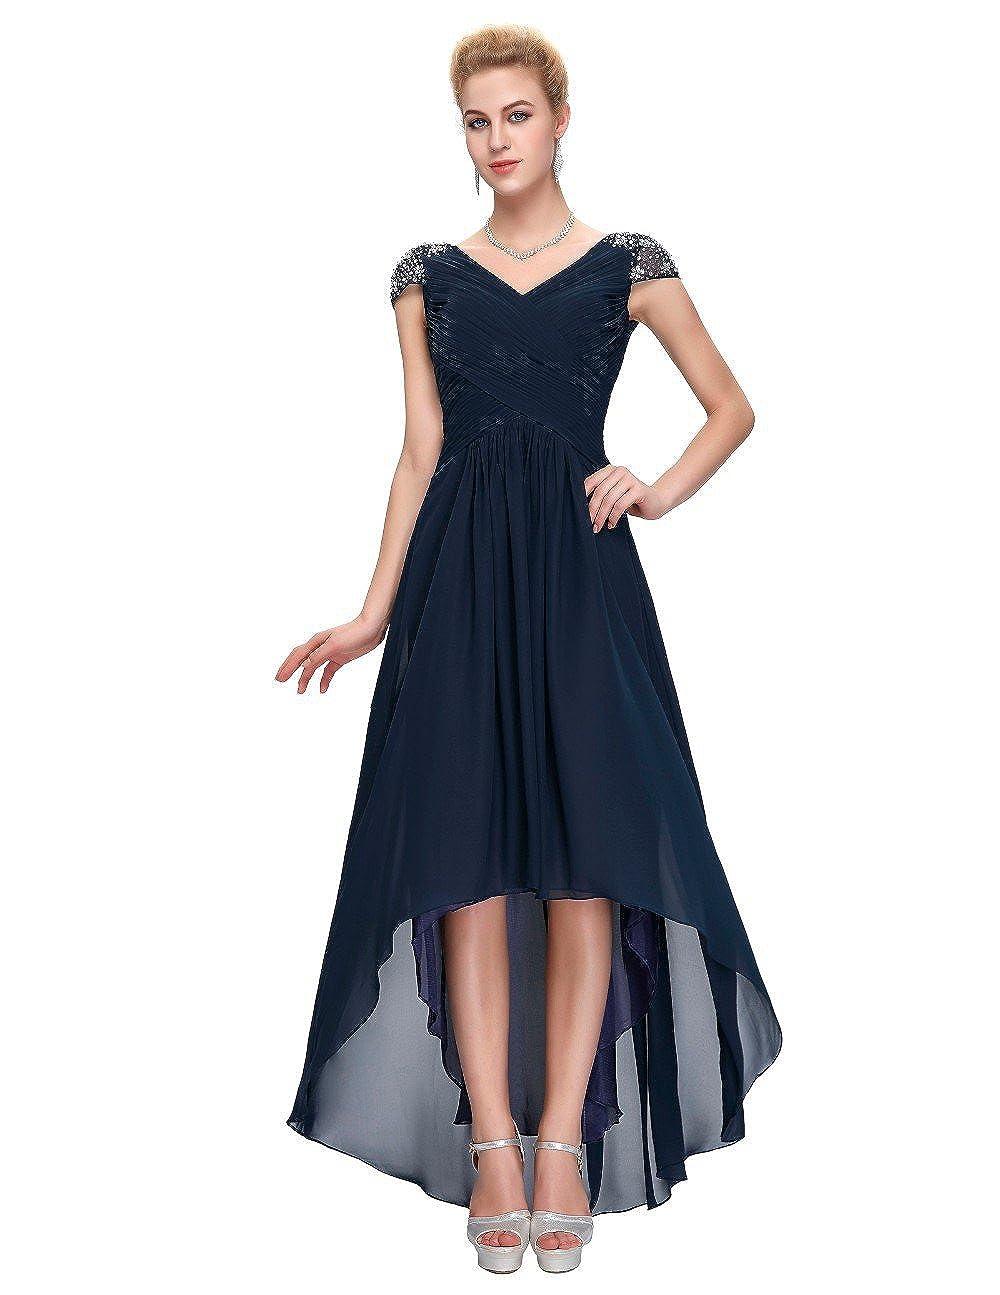 女性用ドレス、ビーズ付きVネックシフォンイブニングドレス/ウェディングドレス B07FMGBS5M 10# ブルー ブルー 10#